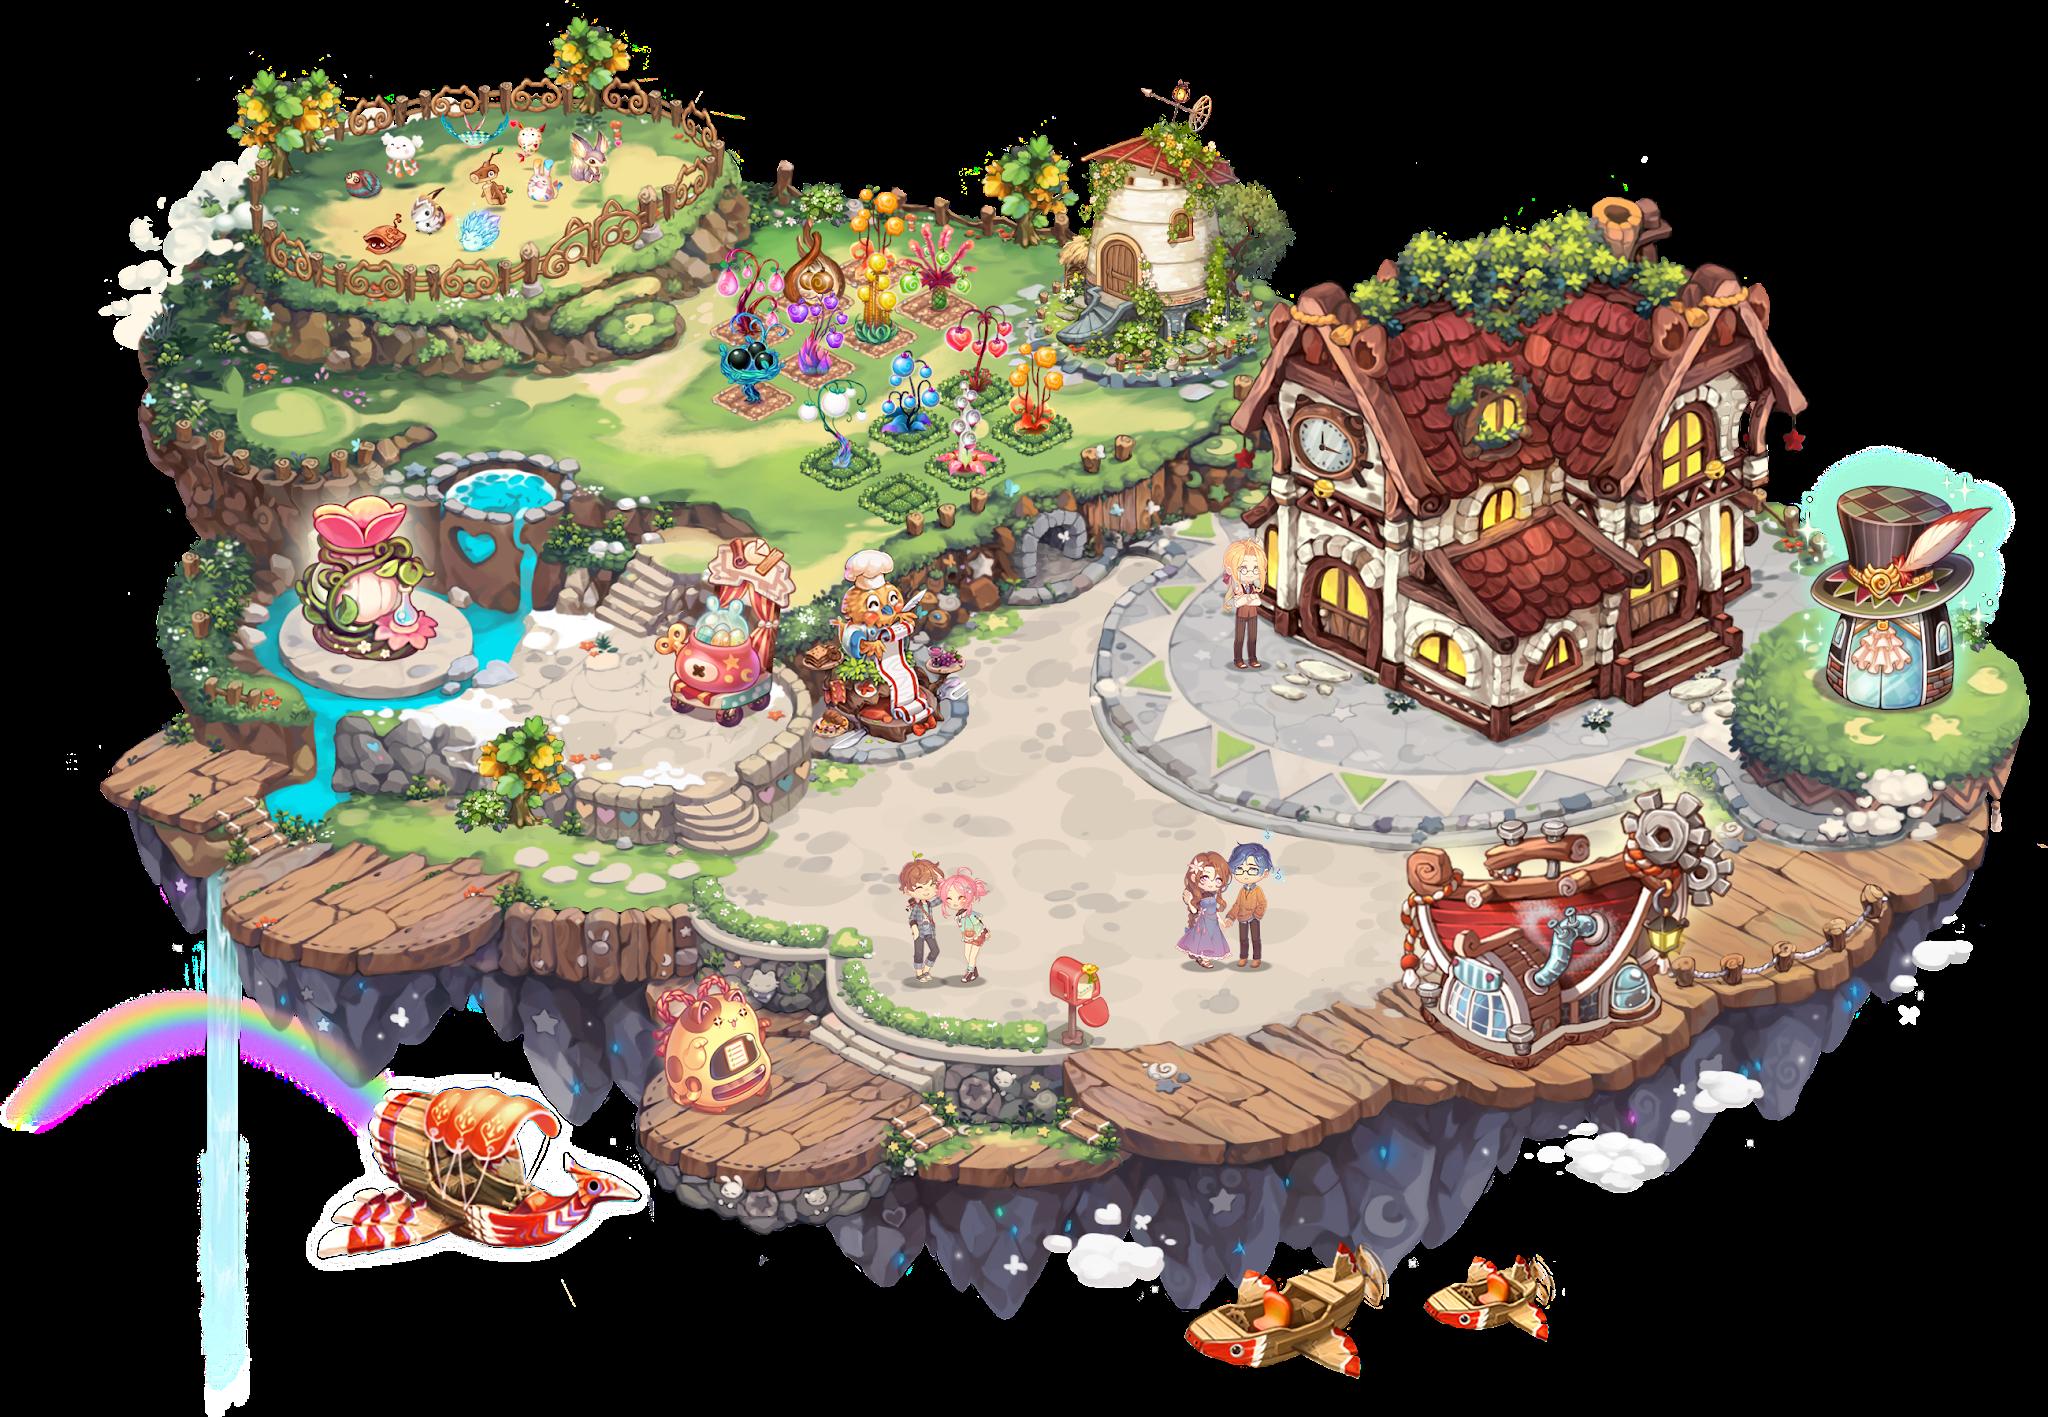 Apa Itu Kawaii Island, Game Anime Play to Earn, Game NFT Metaverse